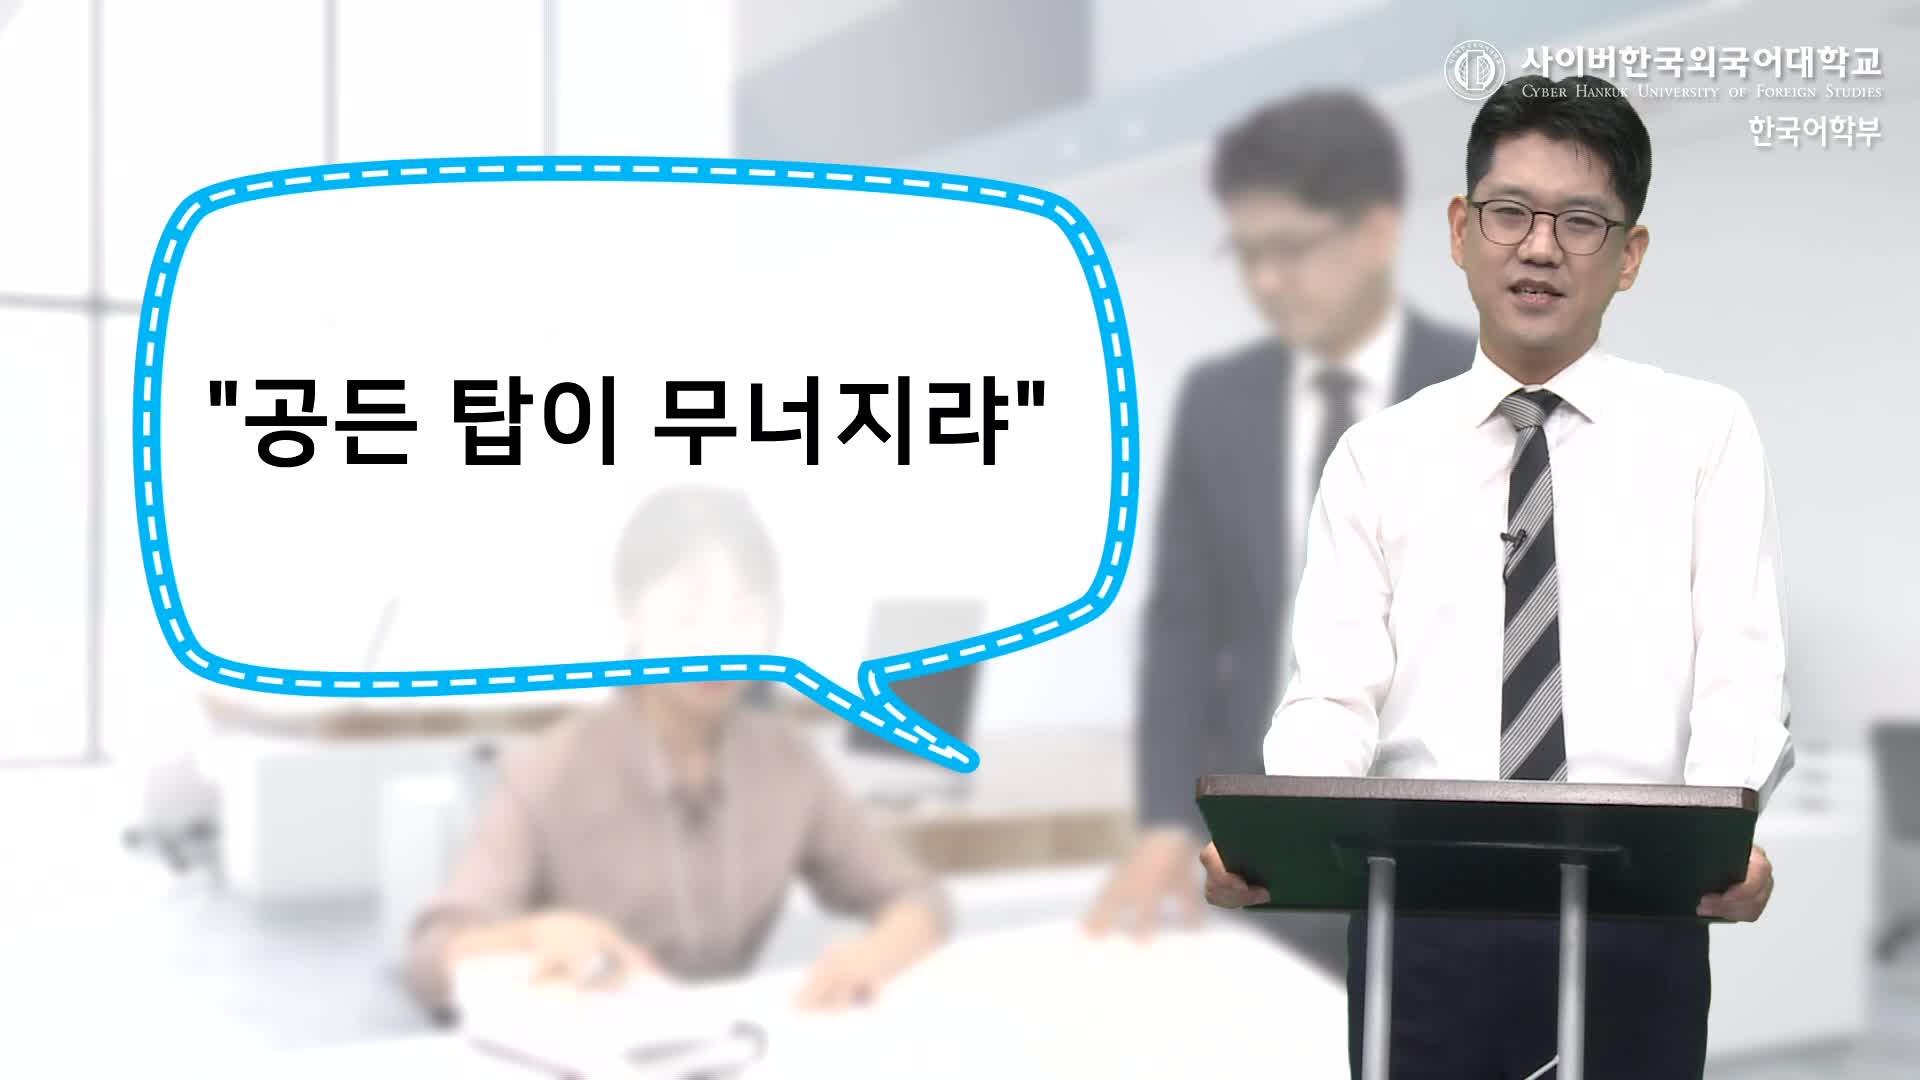 [Tục ngữ Hàn Quốc] Ep 4. <공든 탑이 무너지랴 >. 출처: 사이버한국외국어대학교